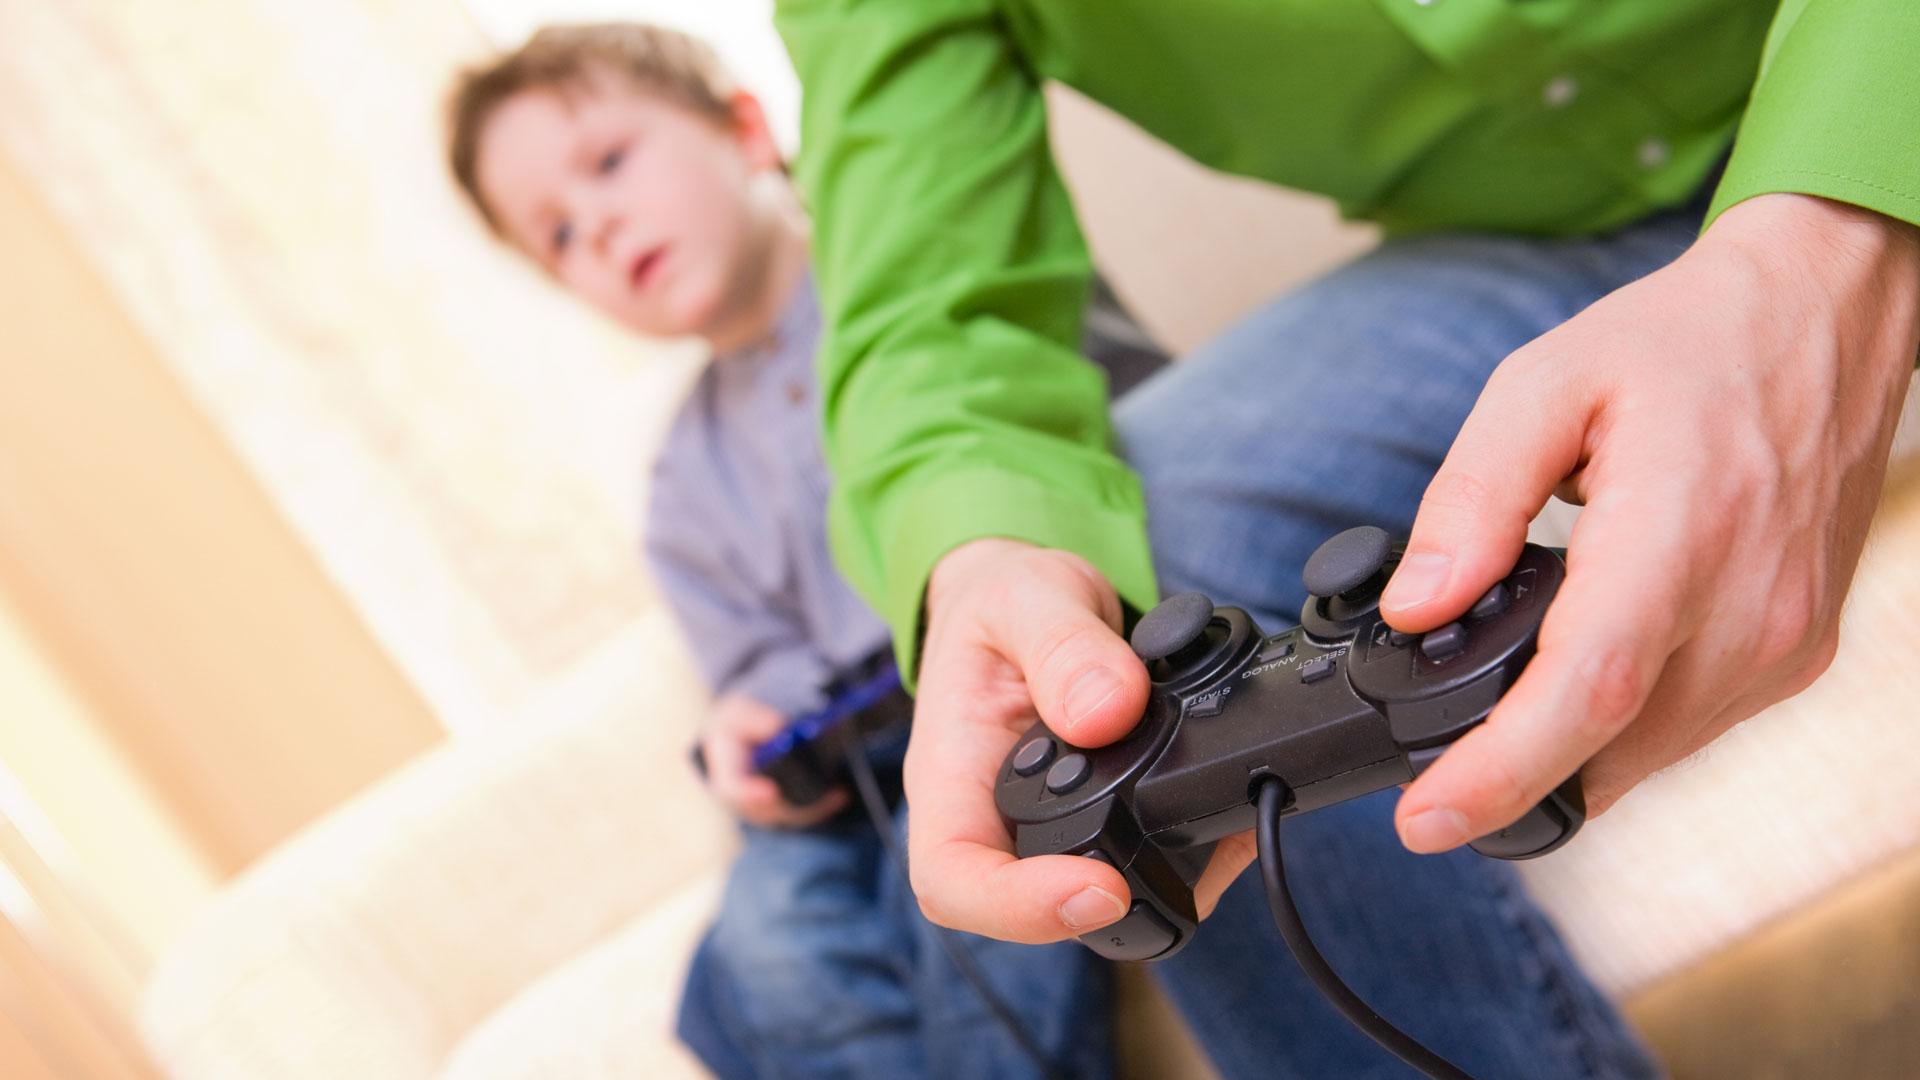 Los niños adictos a las pantallas tienen más probabilidades de desarrollar obesidad y problemas de la vista (iStock)